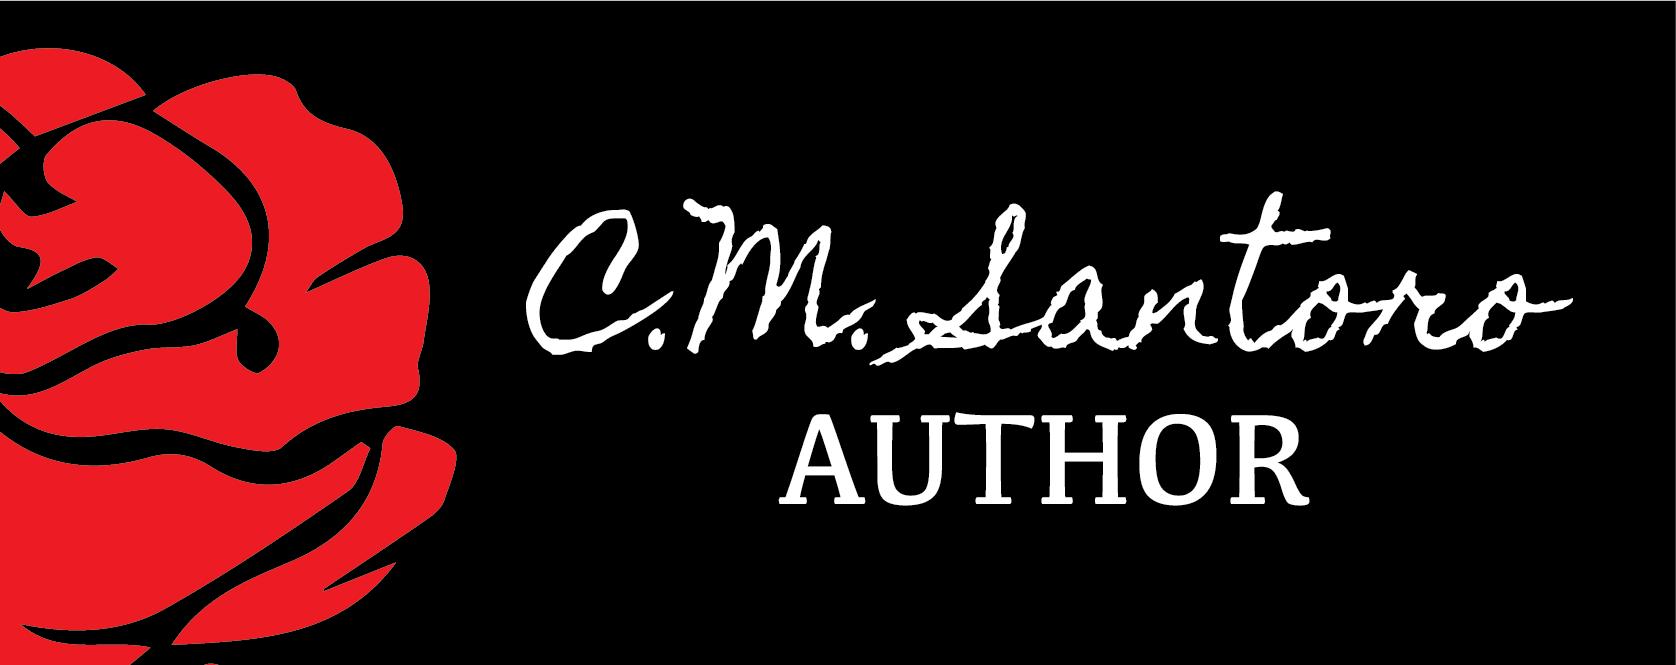 CM Santoro logo